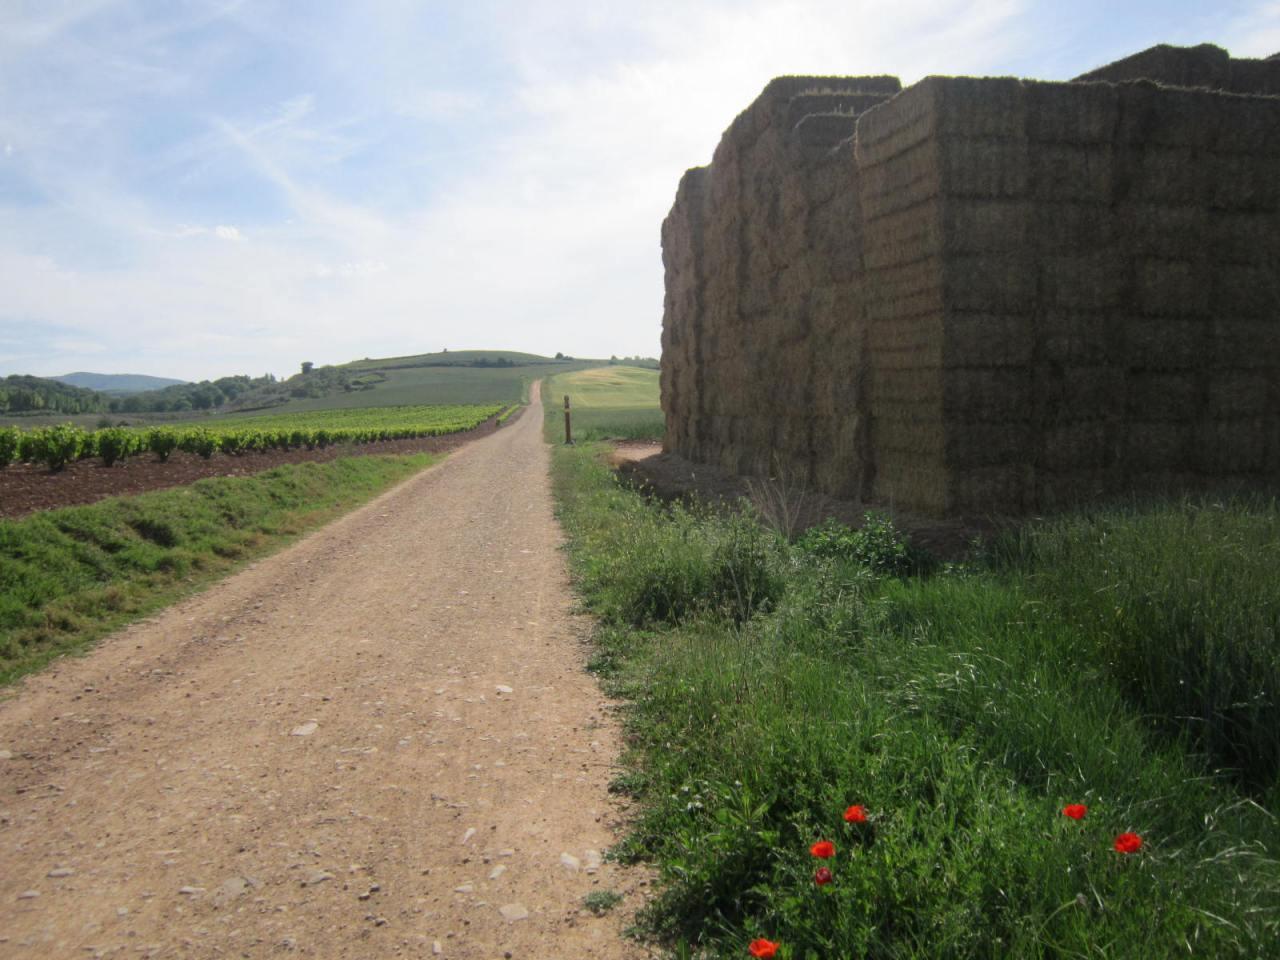 Hay bales on the Camino de Santiago